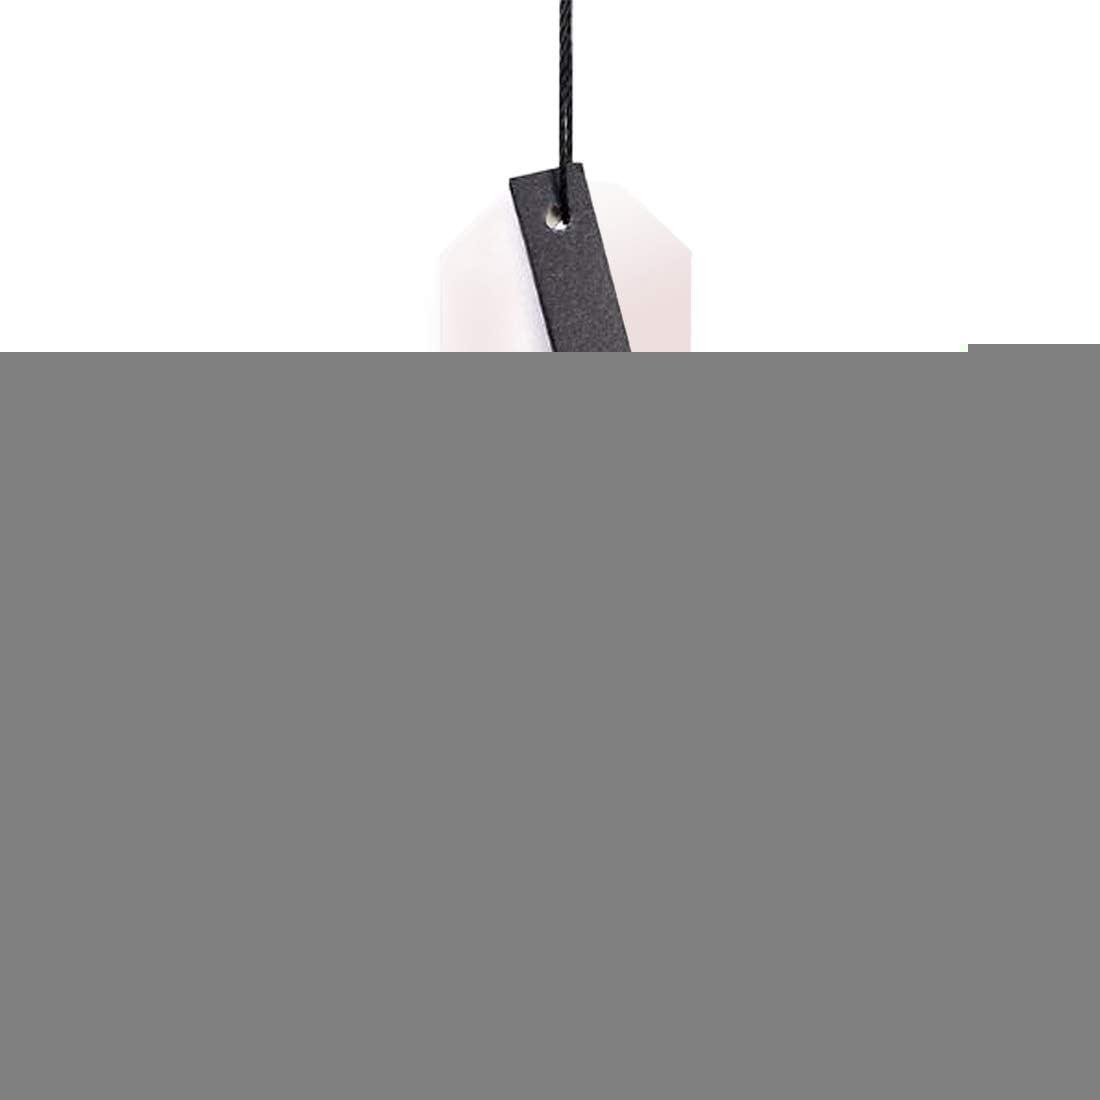 de Secado r/ápido para Correr Camiseta Ropa de Gimnasia Entrenamiento de competici/ón Ropa de f/útbol Jersey Inlefen Camisa Deportiva de Manga Corta para Hombre